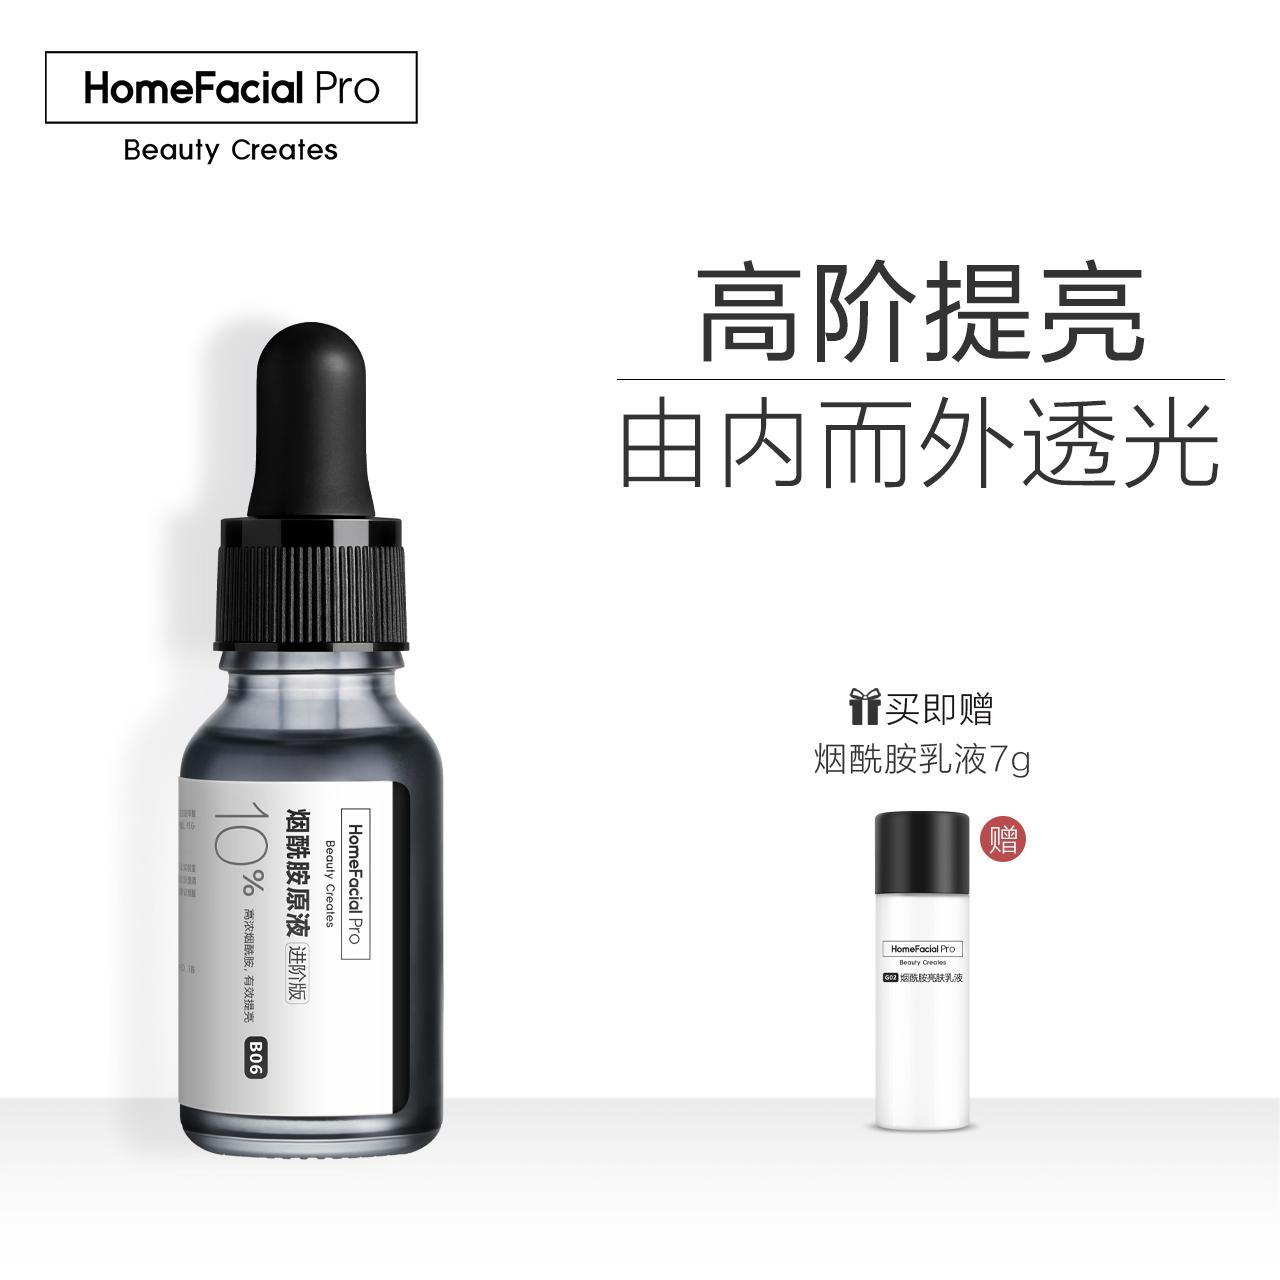 HFP烟酰胺原液进阶版 10%去黄改善暗哑提亮肤色男女